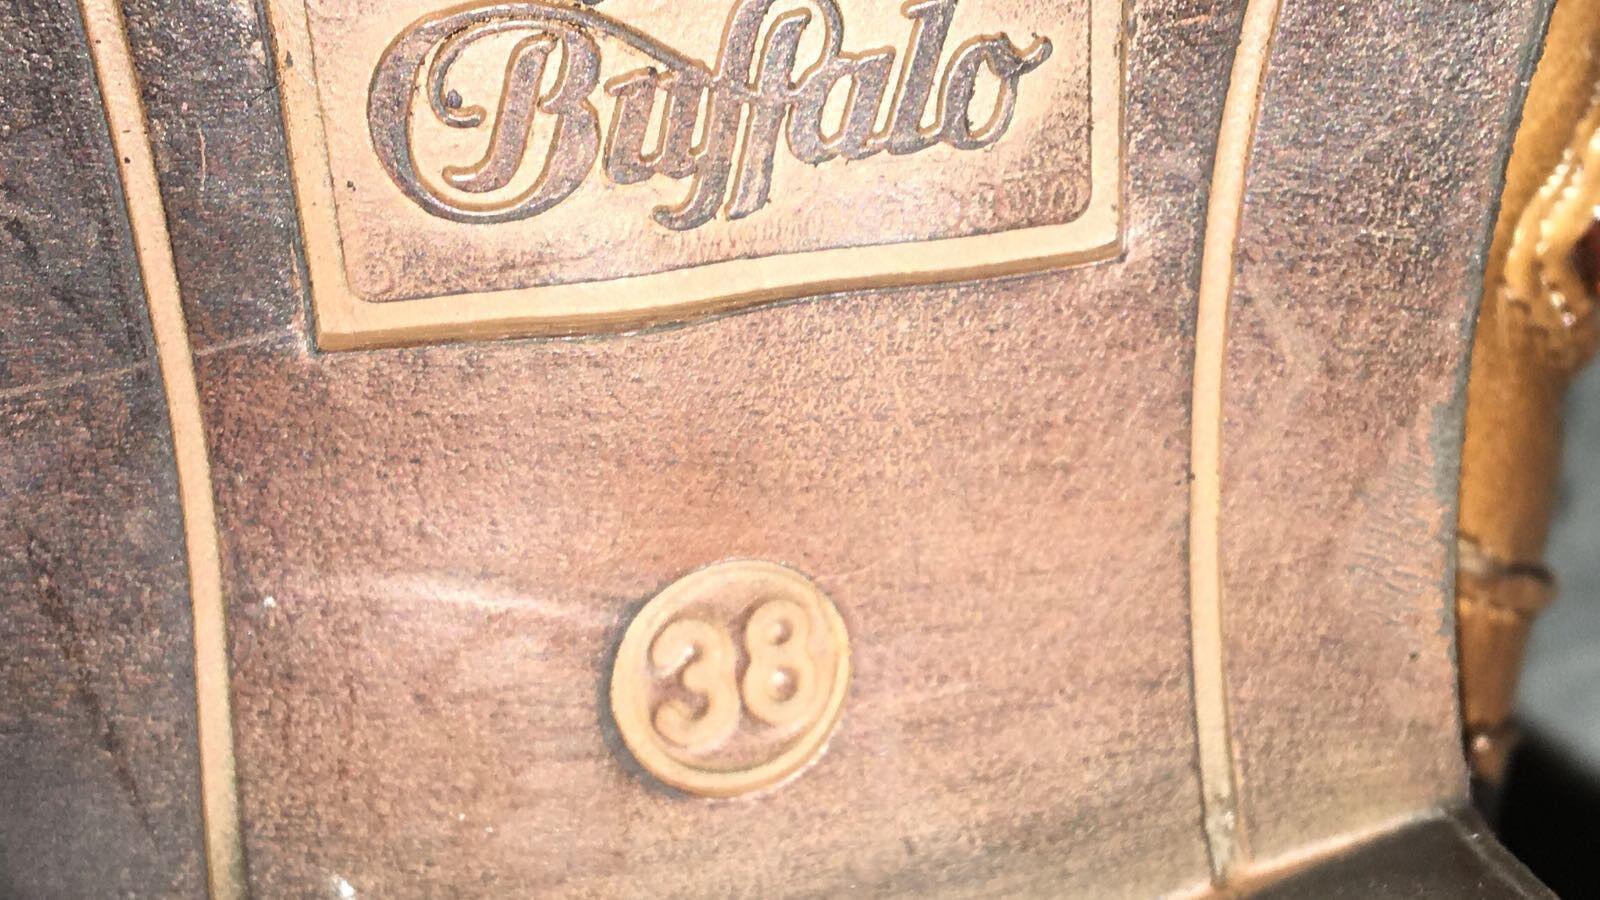 Buffalo Stiefeletten 38 - Ungetragen